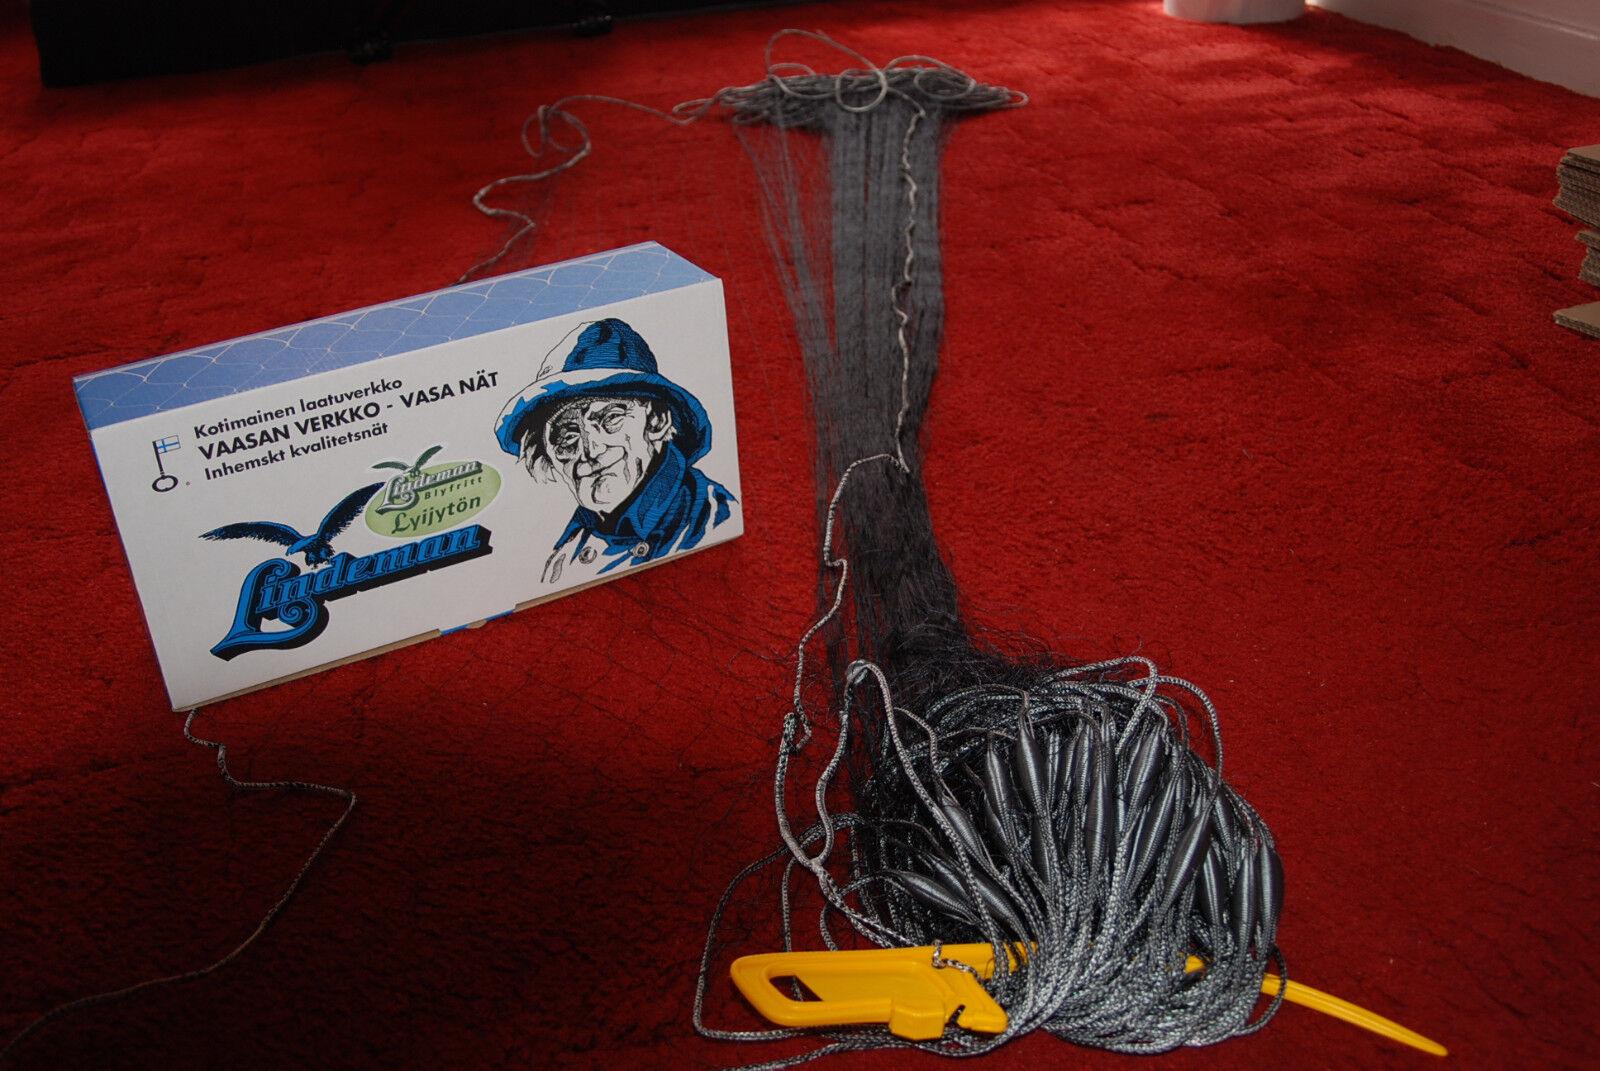 Fischernetz Stellnetz 90m, 90m, 90m, H 3,00m      Made in Finland 6982ad